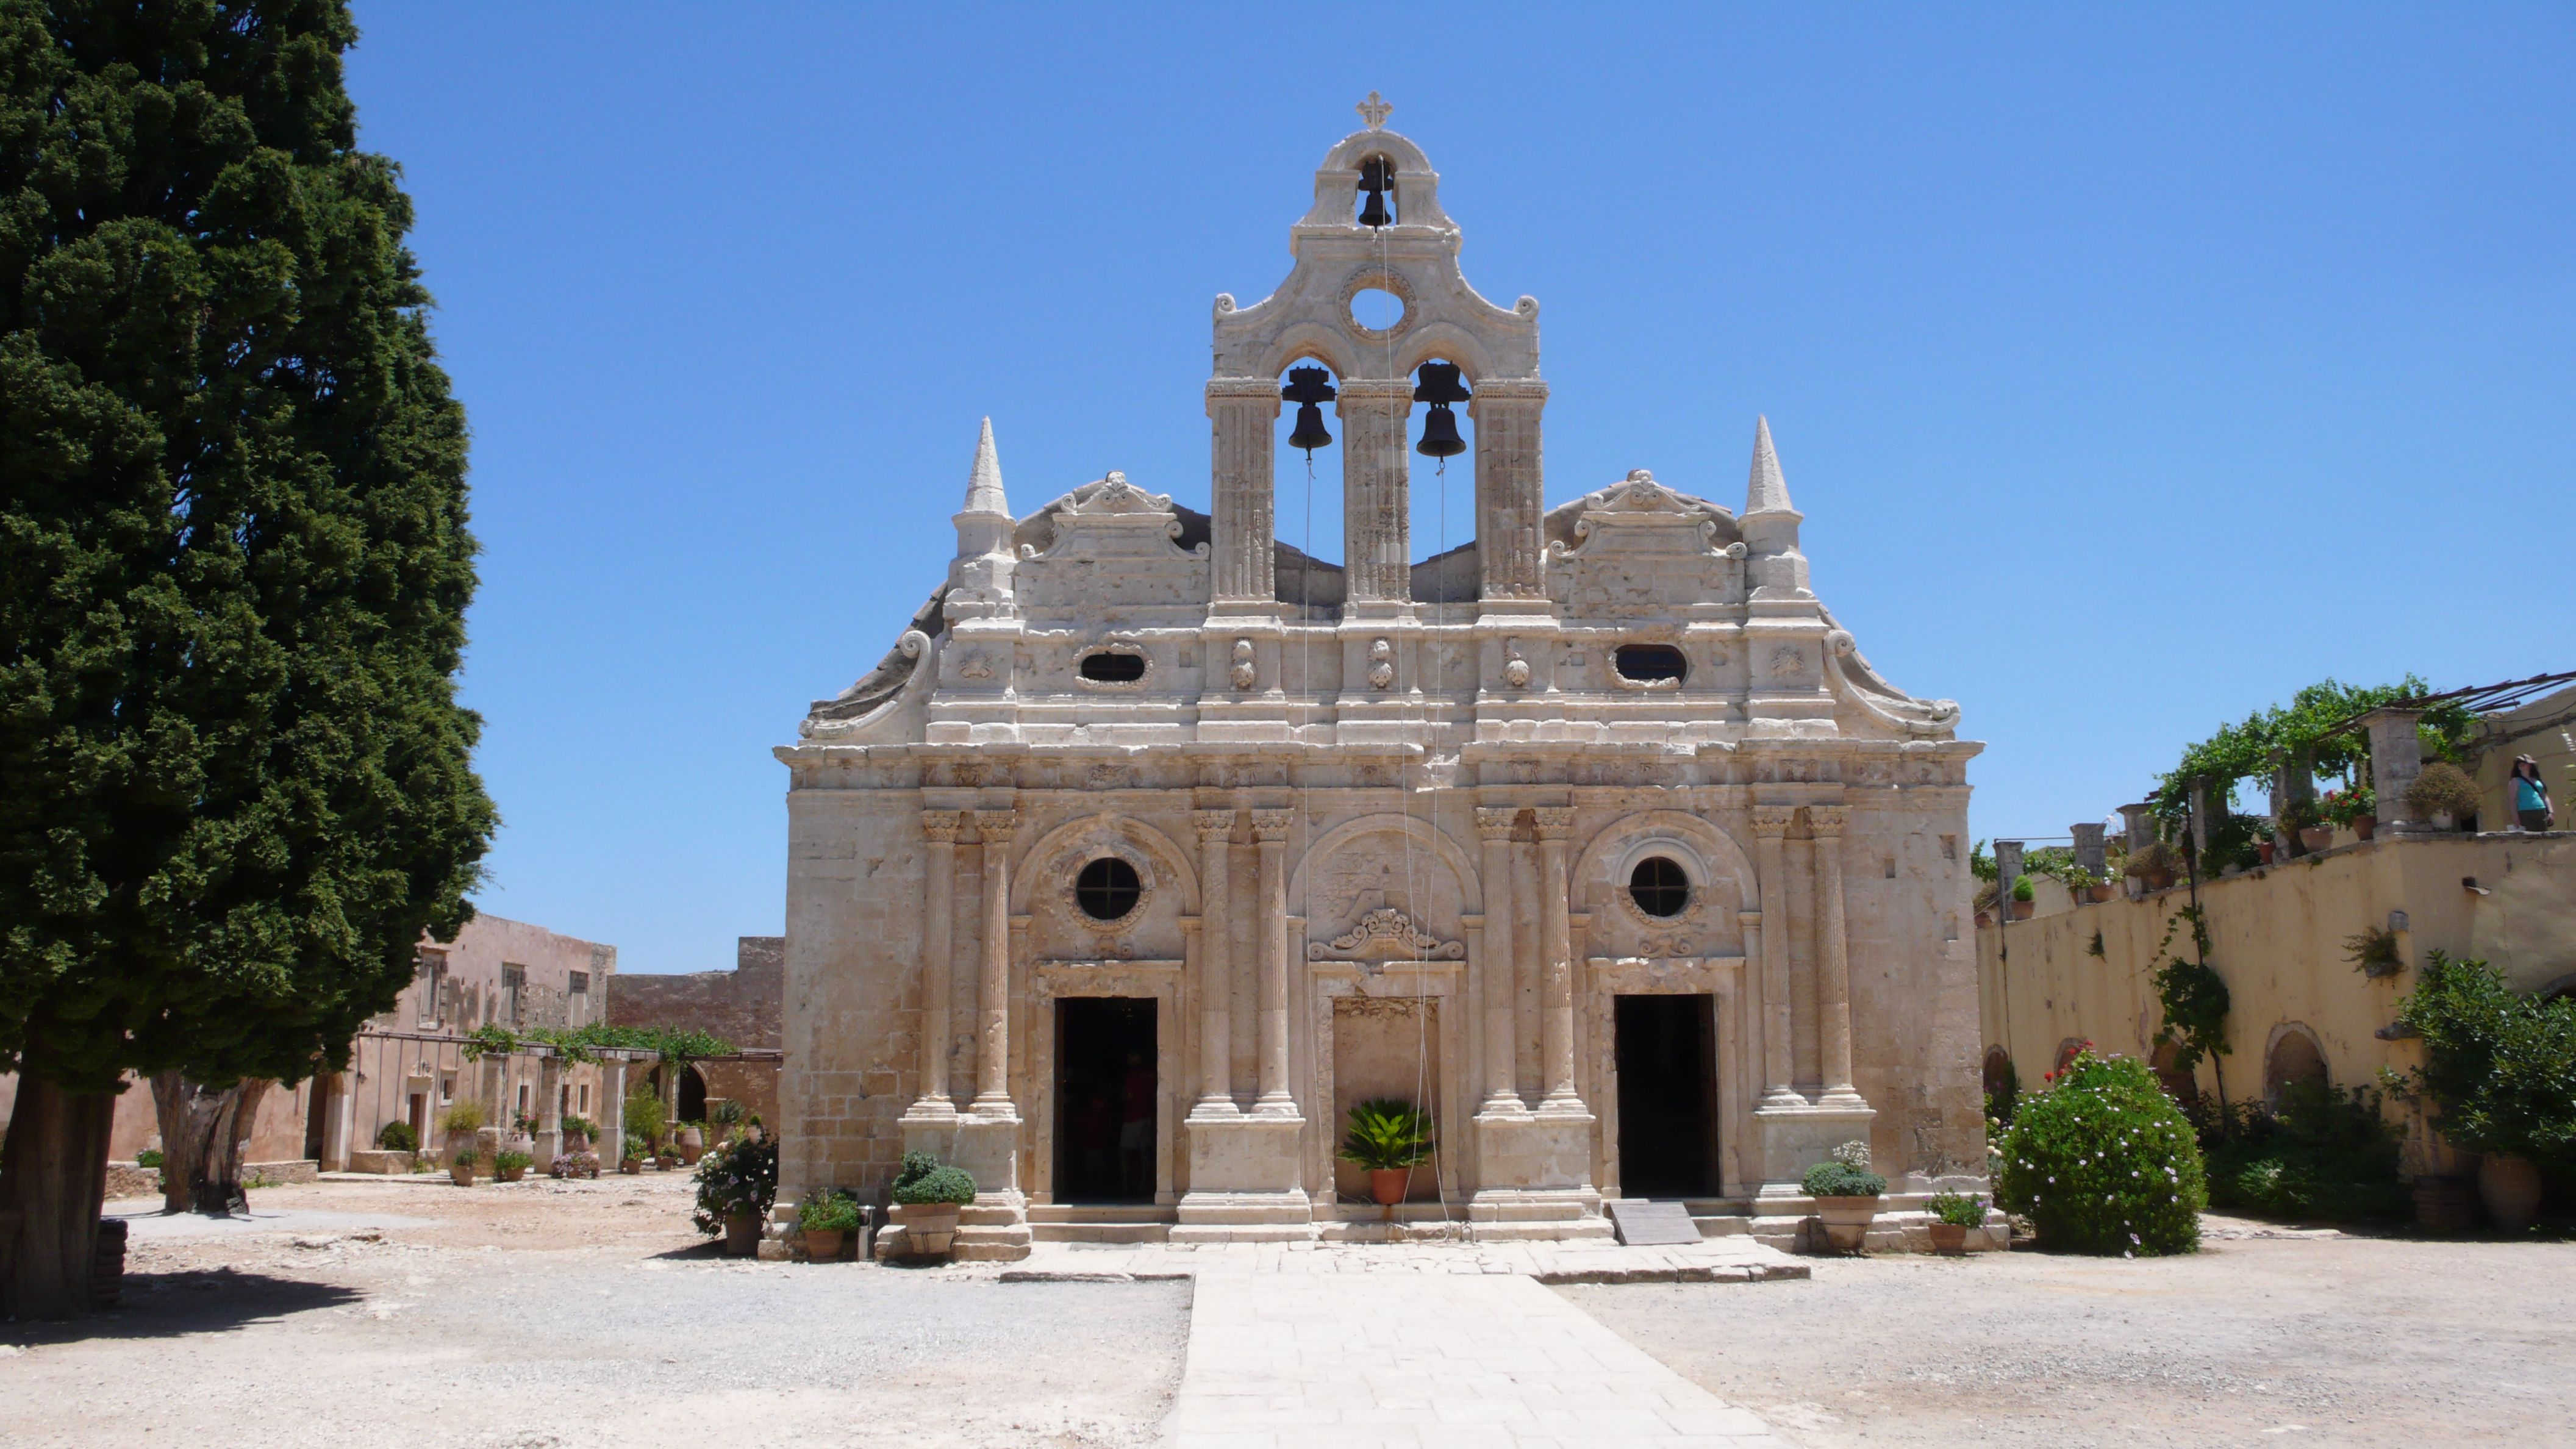 человек принимает монастырь аркади маршруты туристов Красивые поздравления: